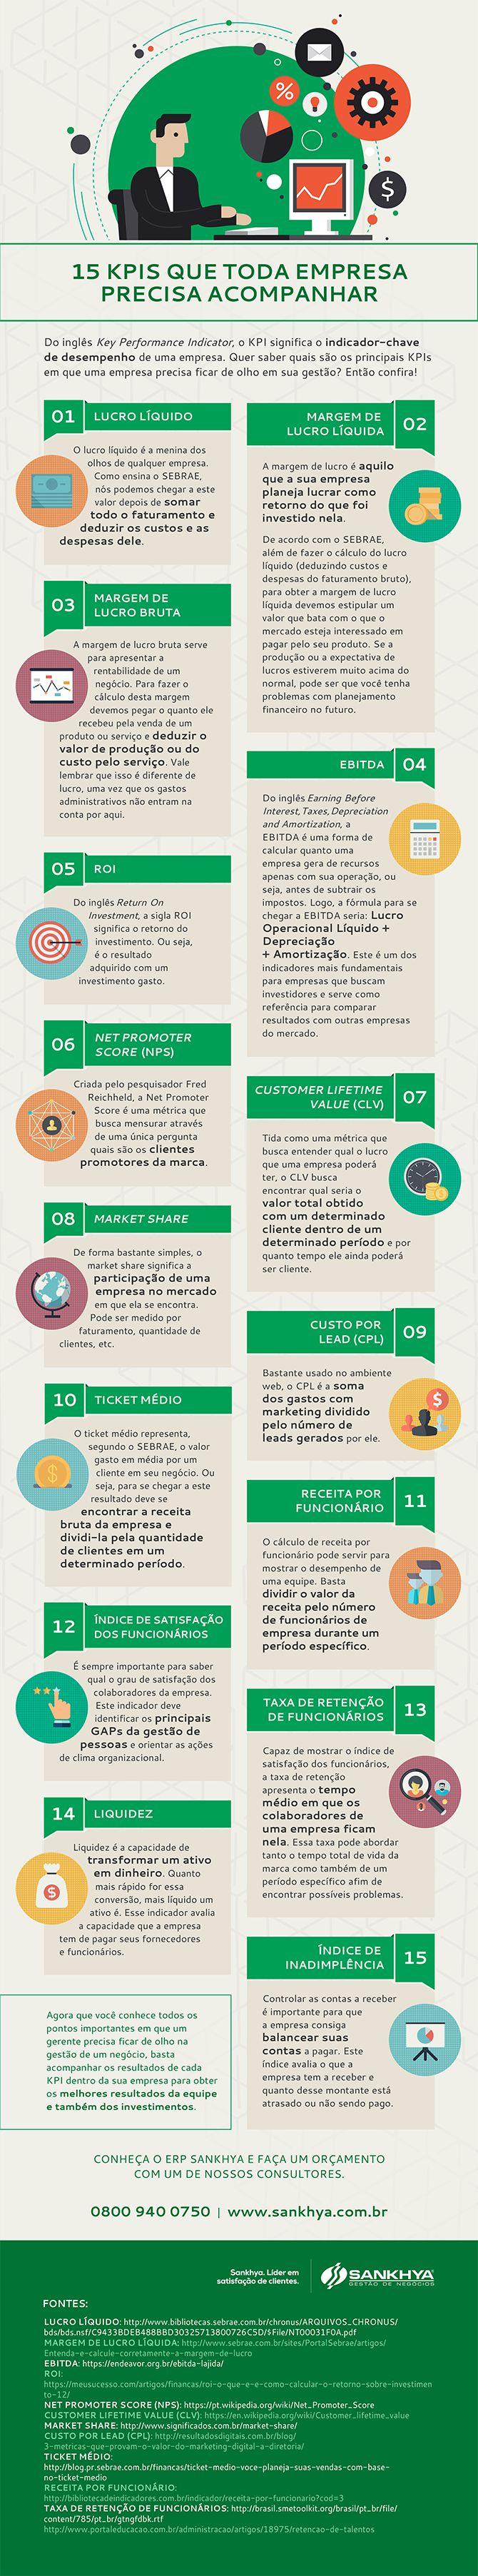 15 KPIs que toda empresa precisa acompanhar